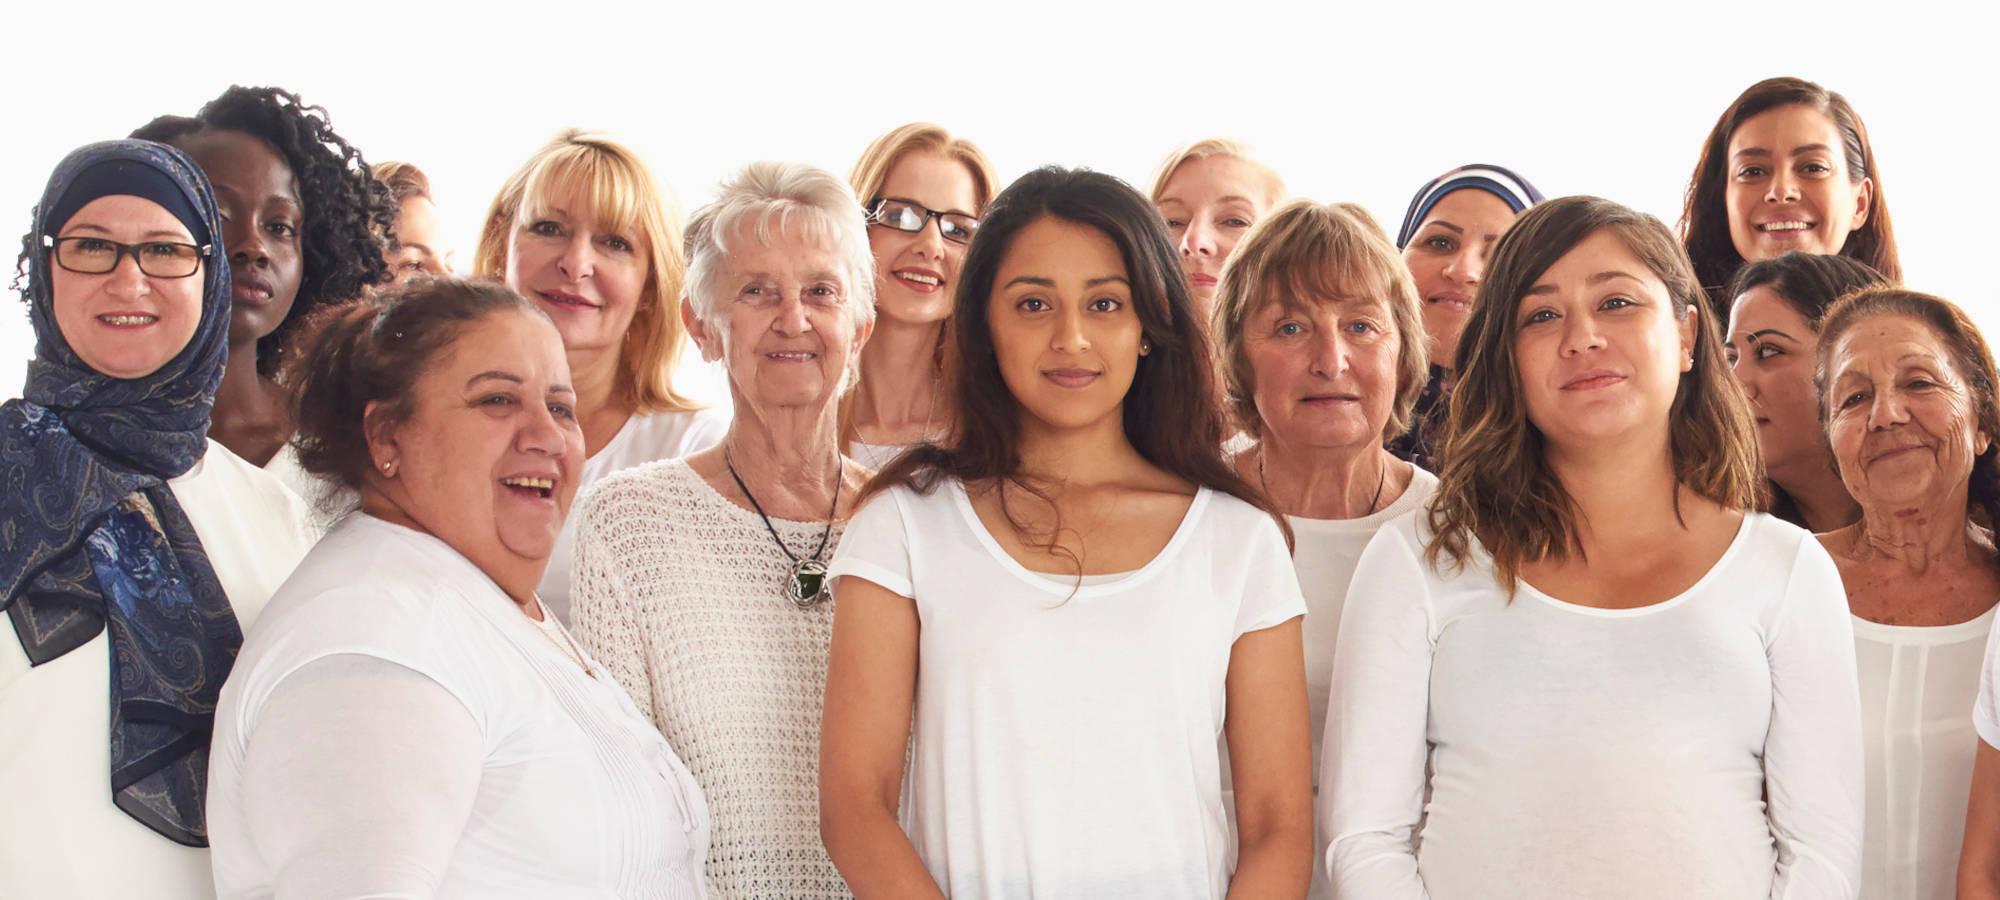 Startbild FEM Unterschiedliche Frauen